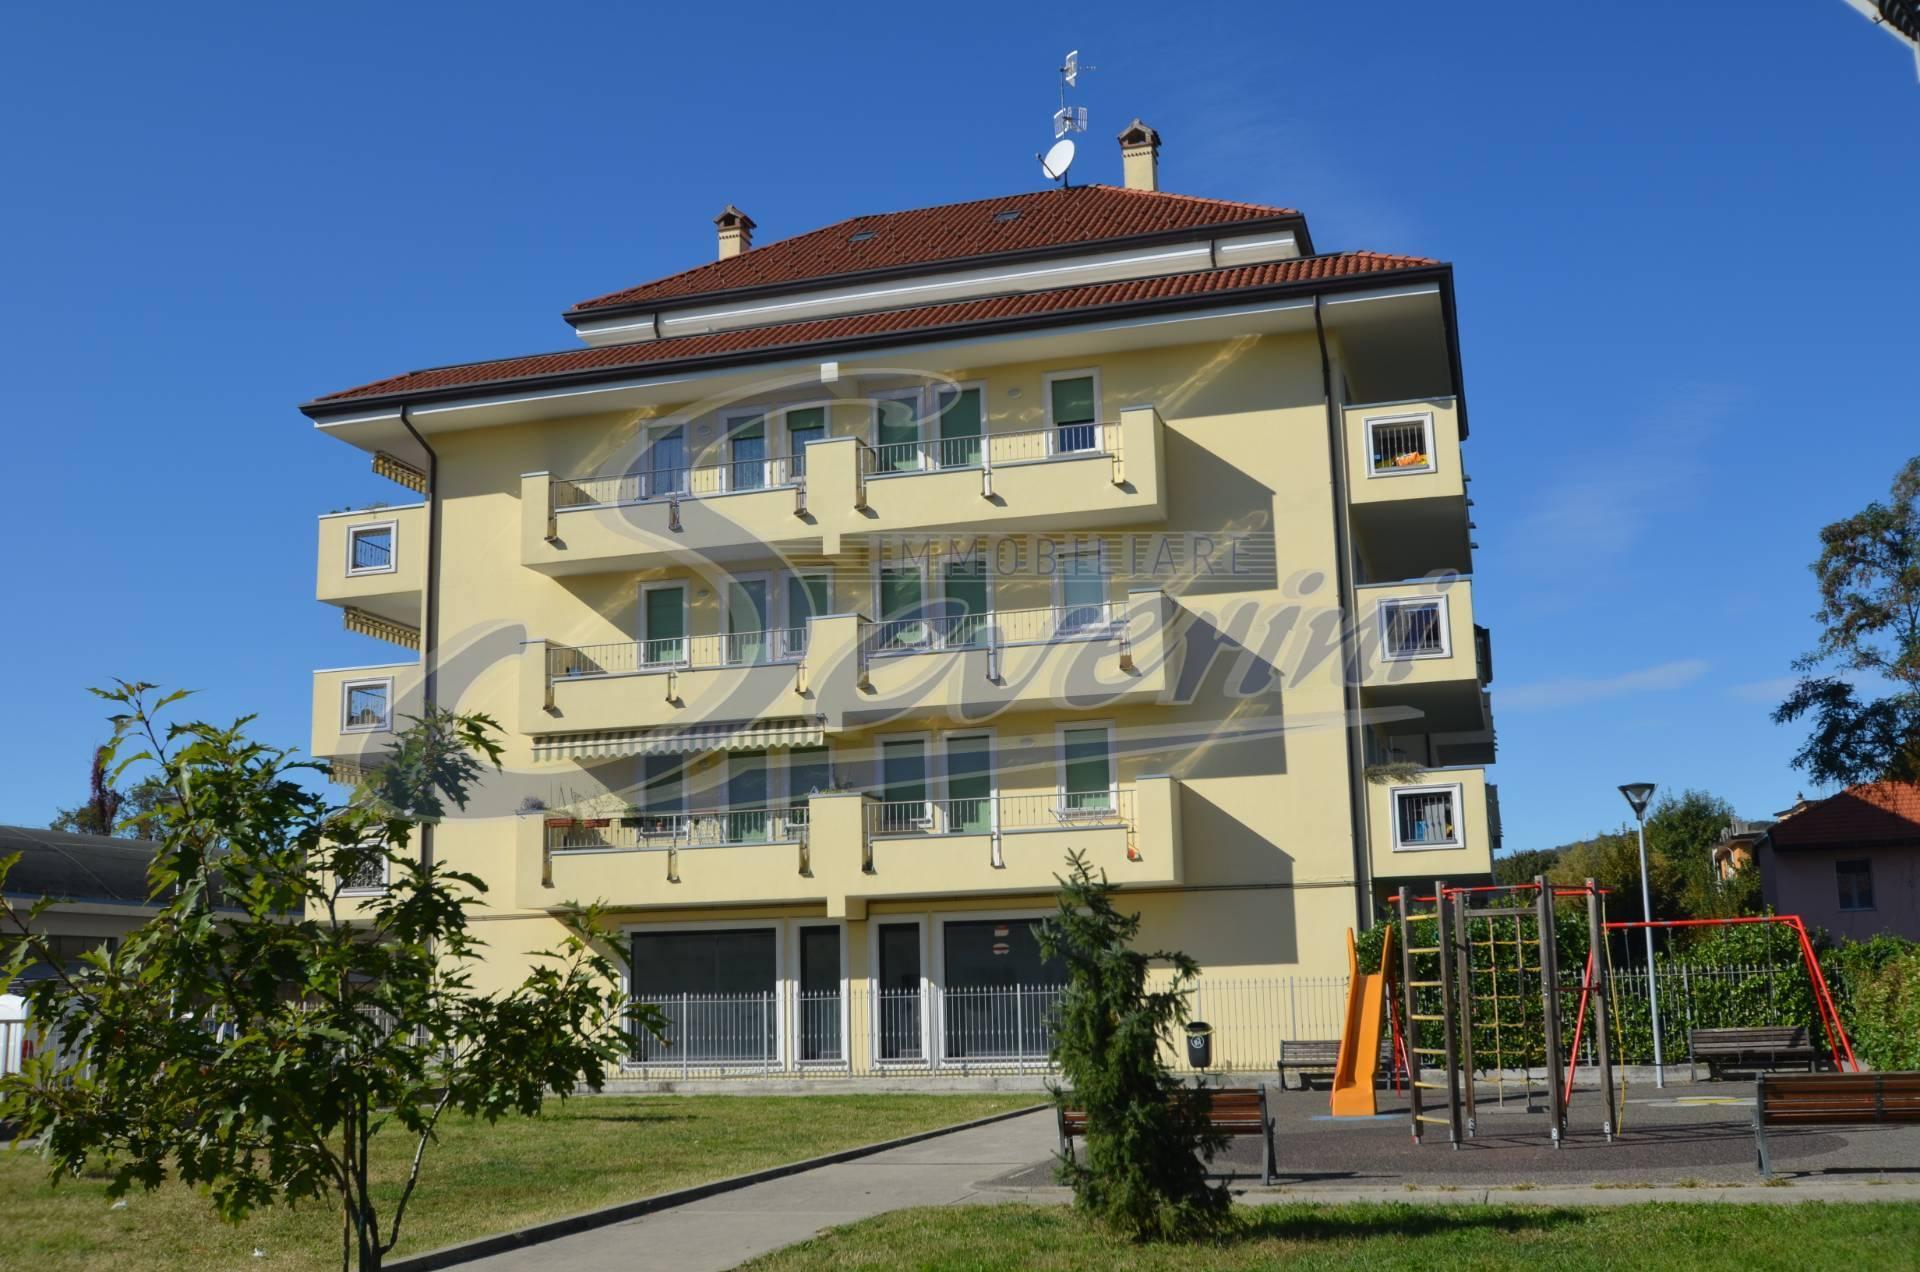 Negozio / Locale in affitto a Como, 9999 locali, zona Località: Muggiò-Albate, prezzo € 1.200 | CambioCasa.it